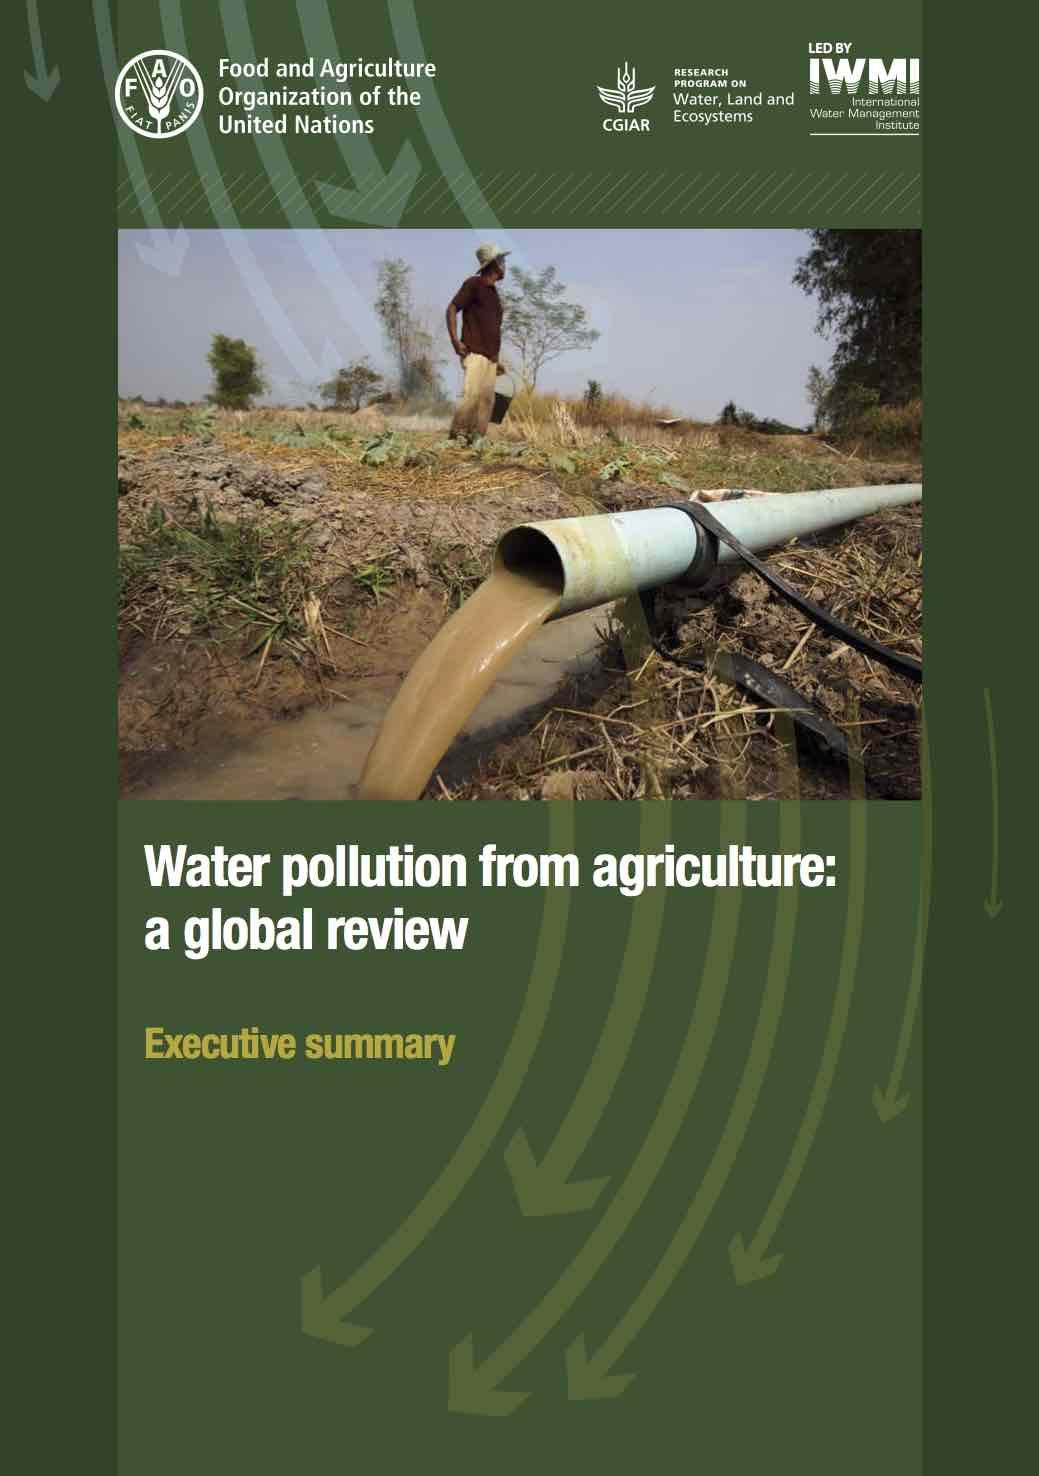 pollution de l u0026 39 eau par l u0026 39 agriculture   probl u00e8mes et